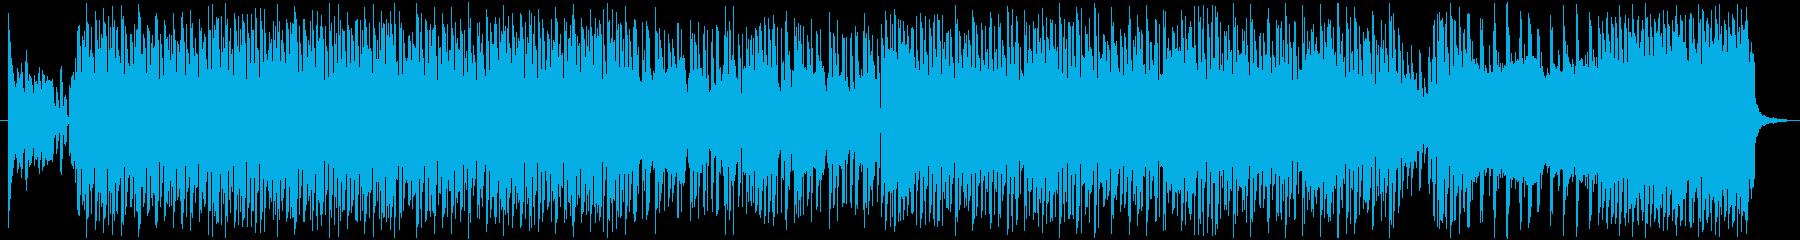 ギャグやコミカルな雰囲気の4つ打ちBGMの再生済みの波形